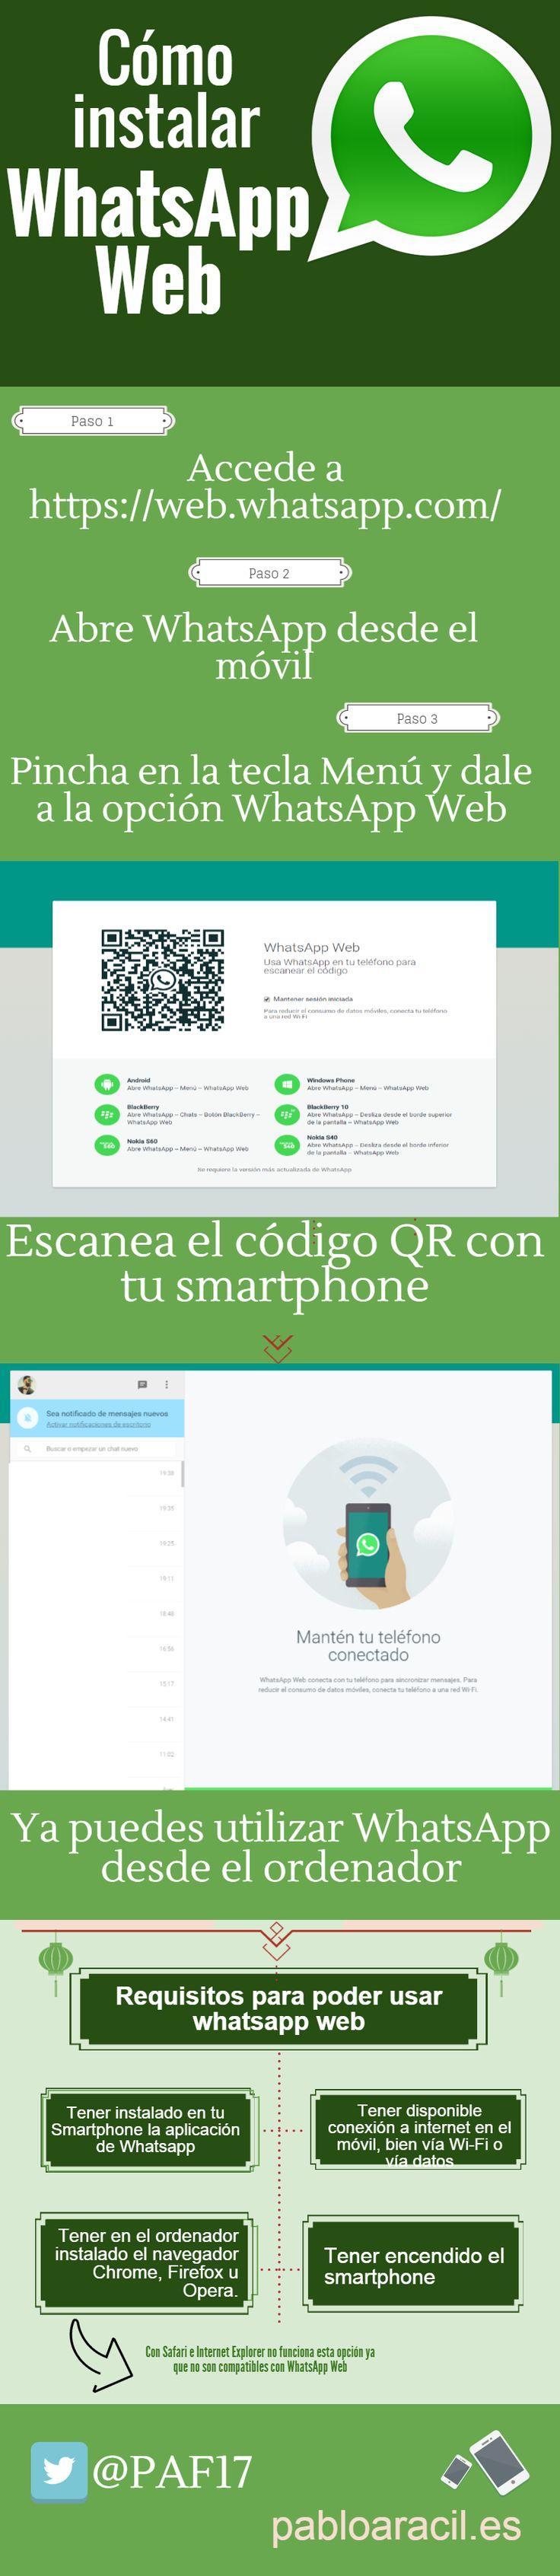 #Infografía sobre WhtApp Web. Cómo utilizar #WhatsApp en tu ordenador y aplicarlo a tu estrategia de marketing online.